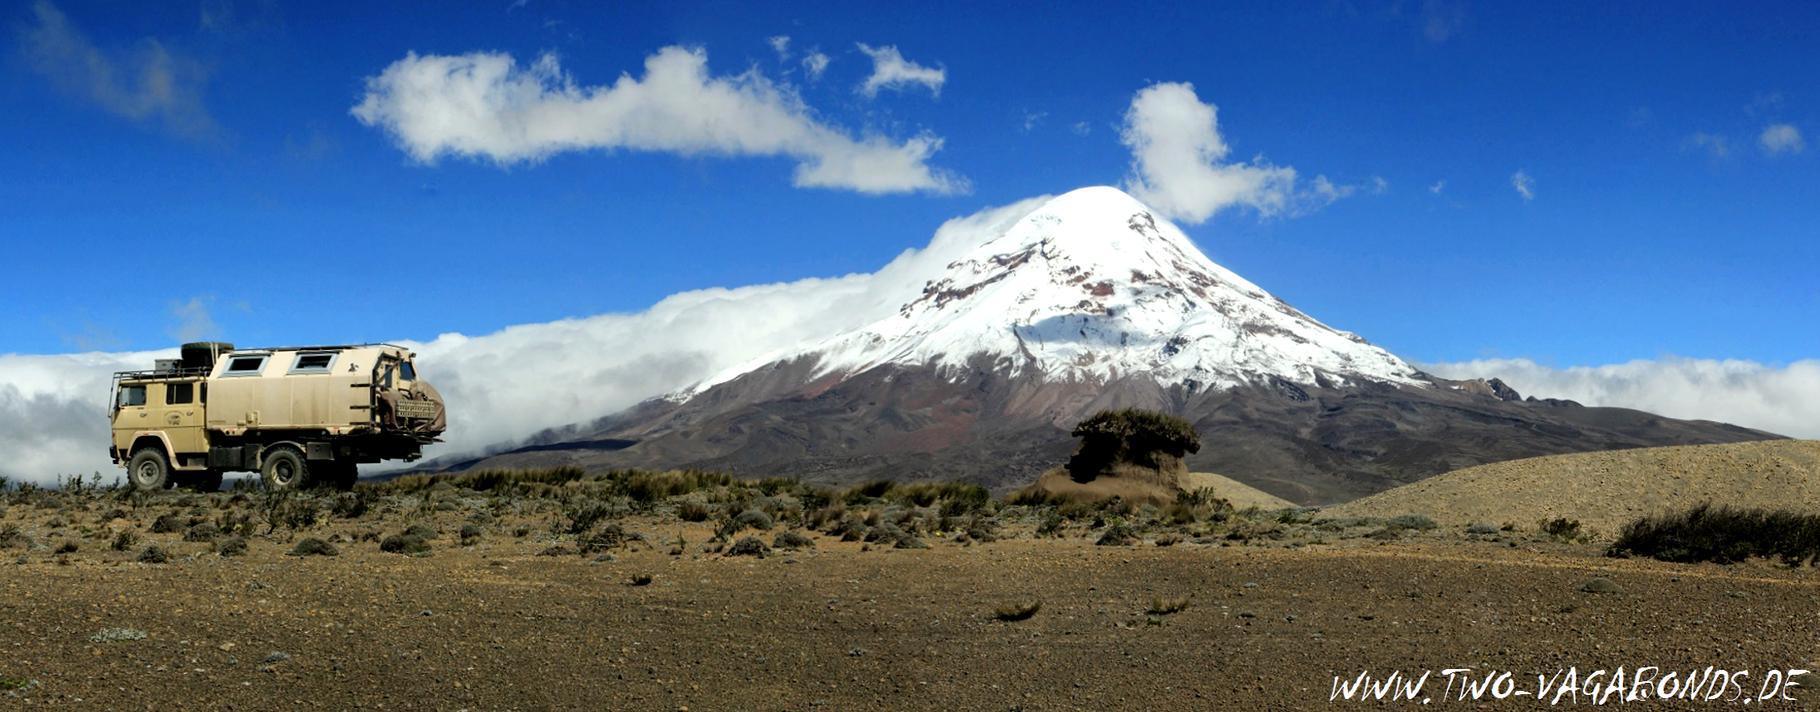 ECUADOR 2015 - VULKAN CHIMBORAZO